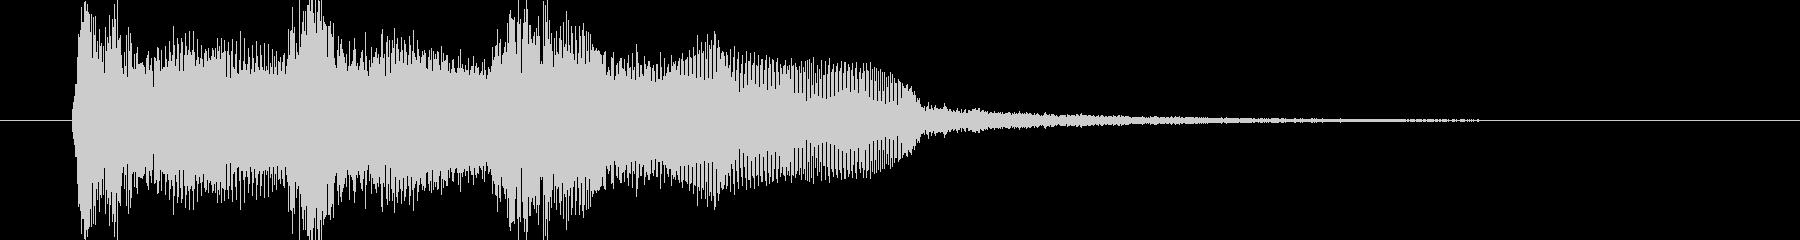 ピアノにFX効果音を追加しジングルの未再生の波形